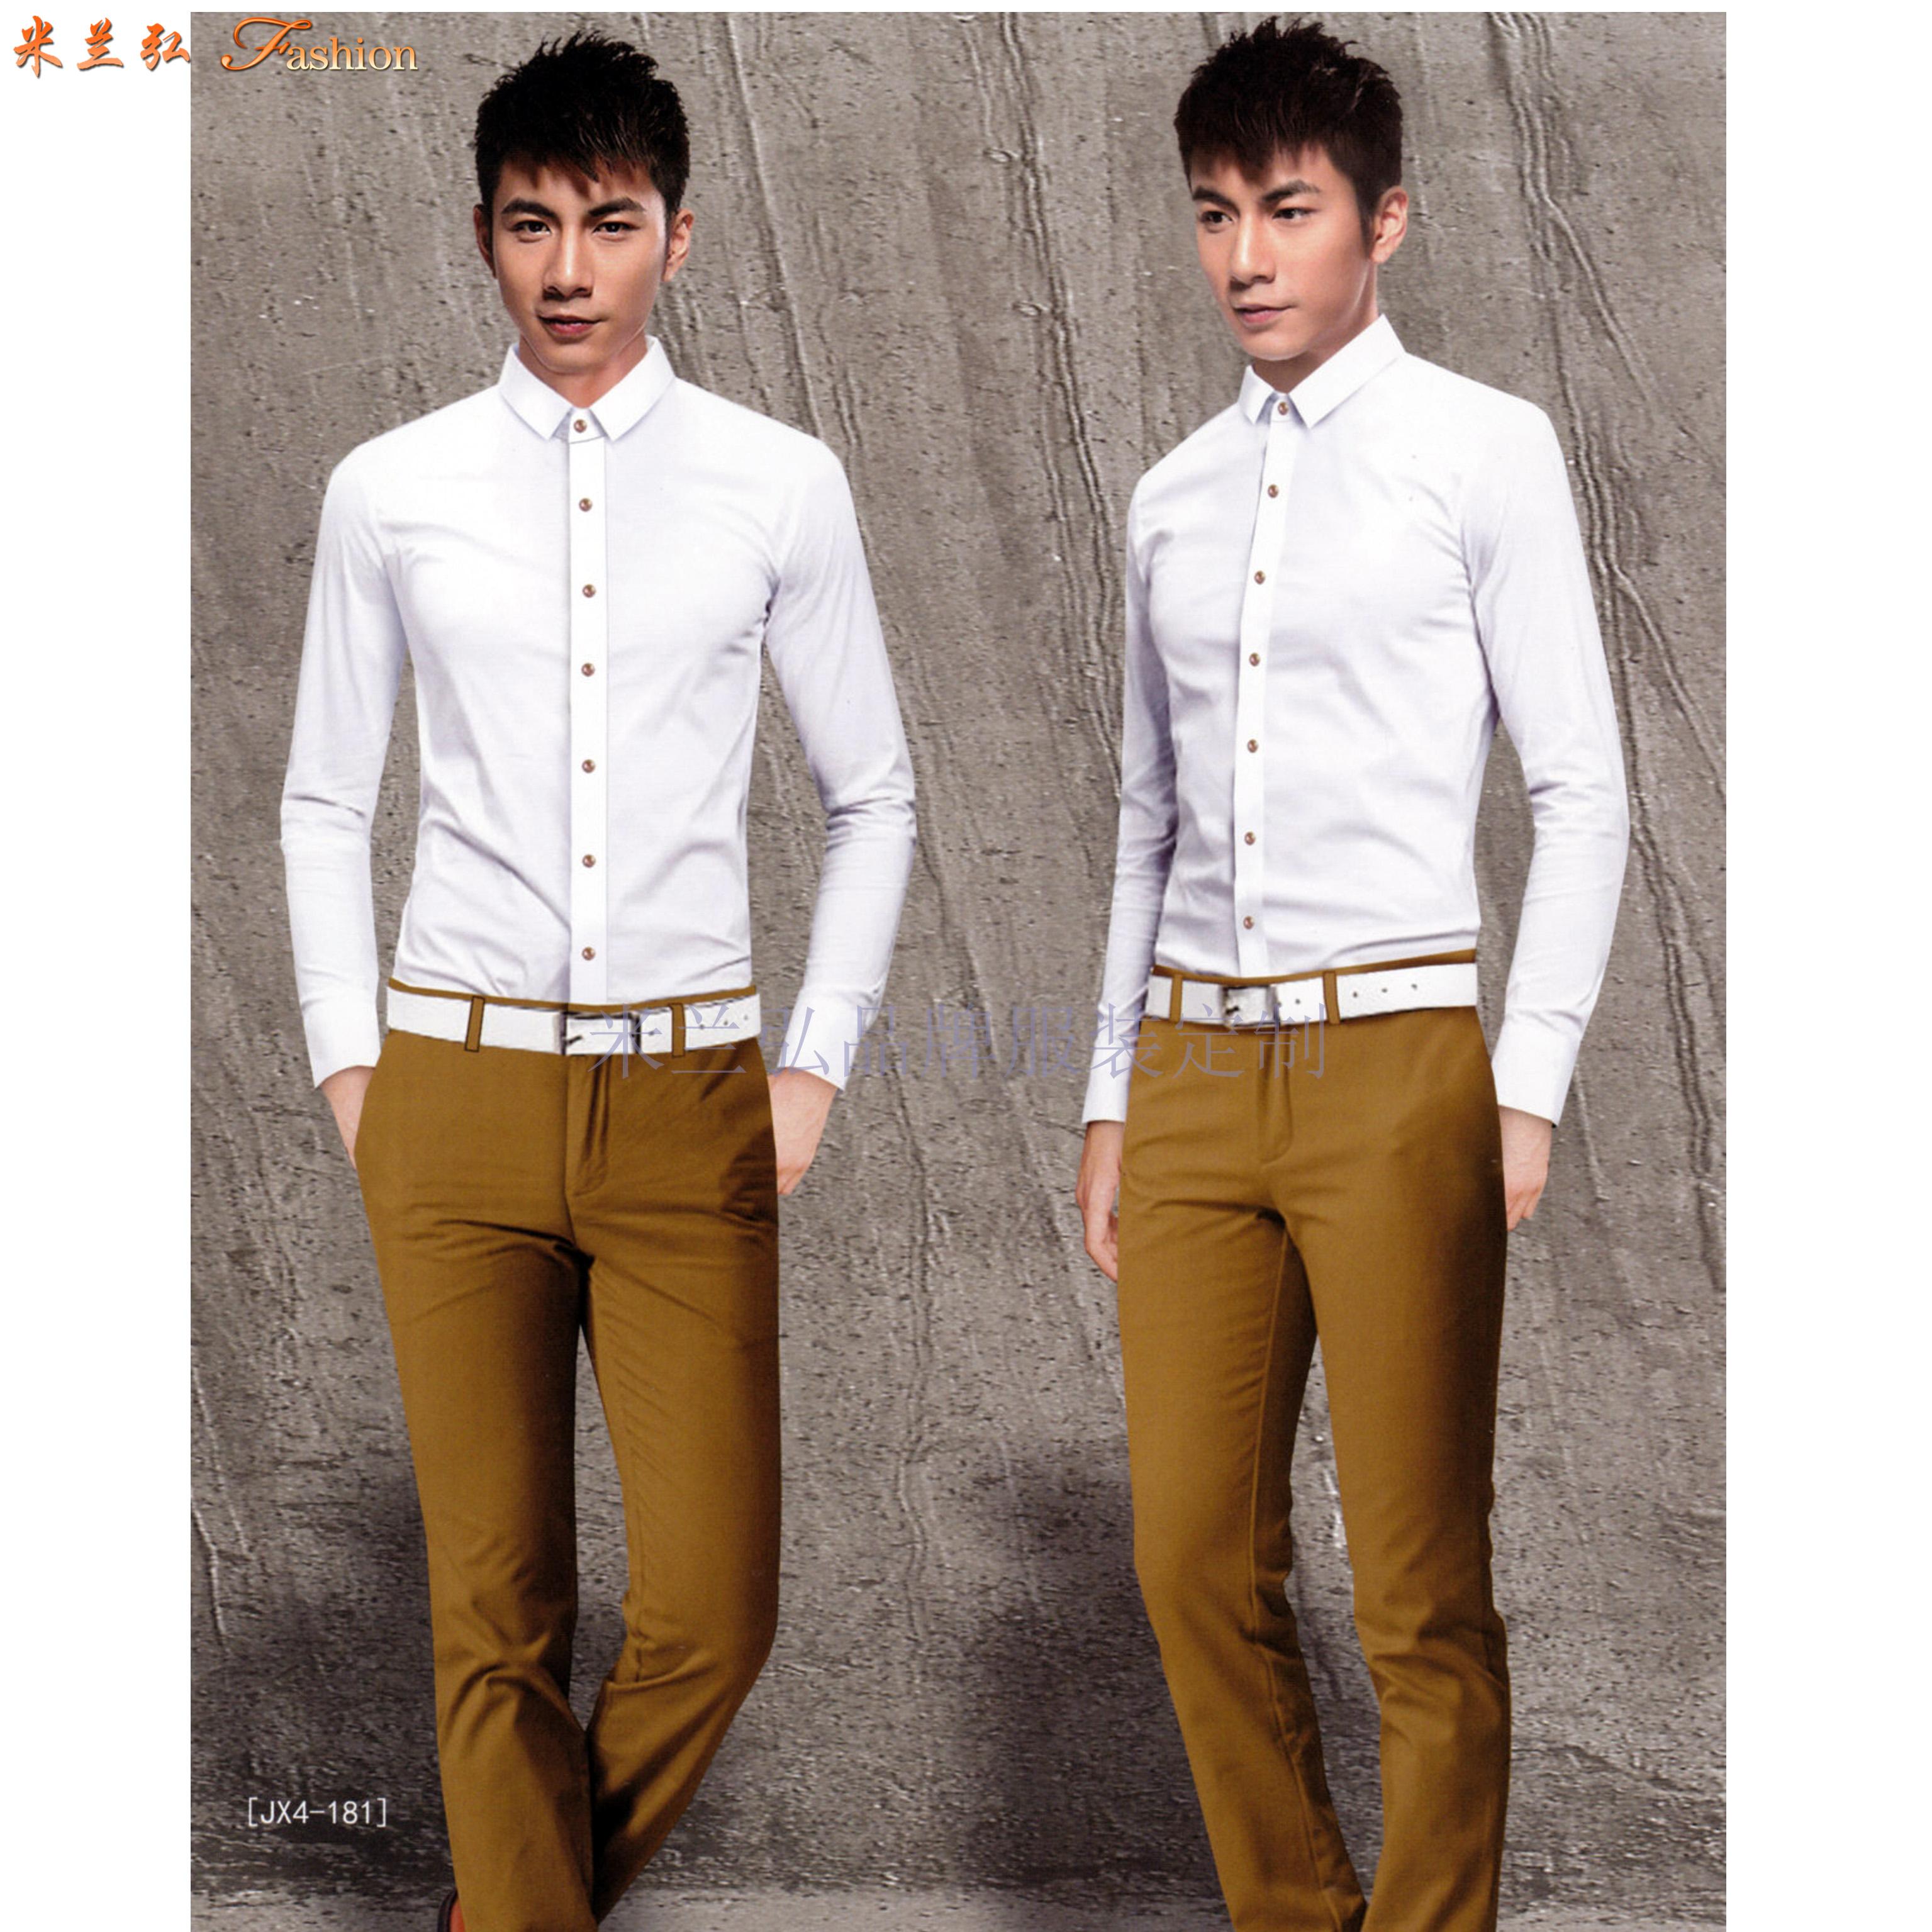 「银川衬衫定制」「西夏区衬衫定做」衬衫订制厂家-米兰弘-3